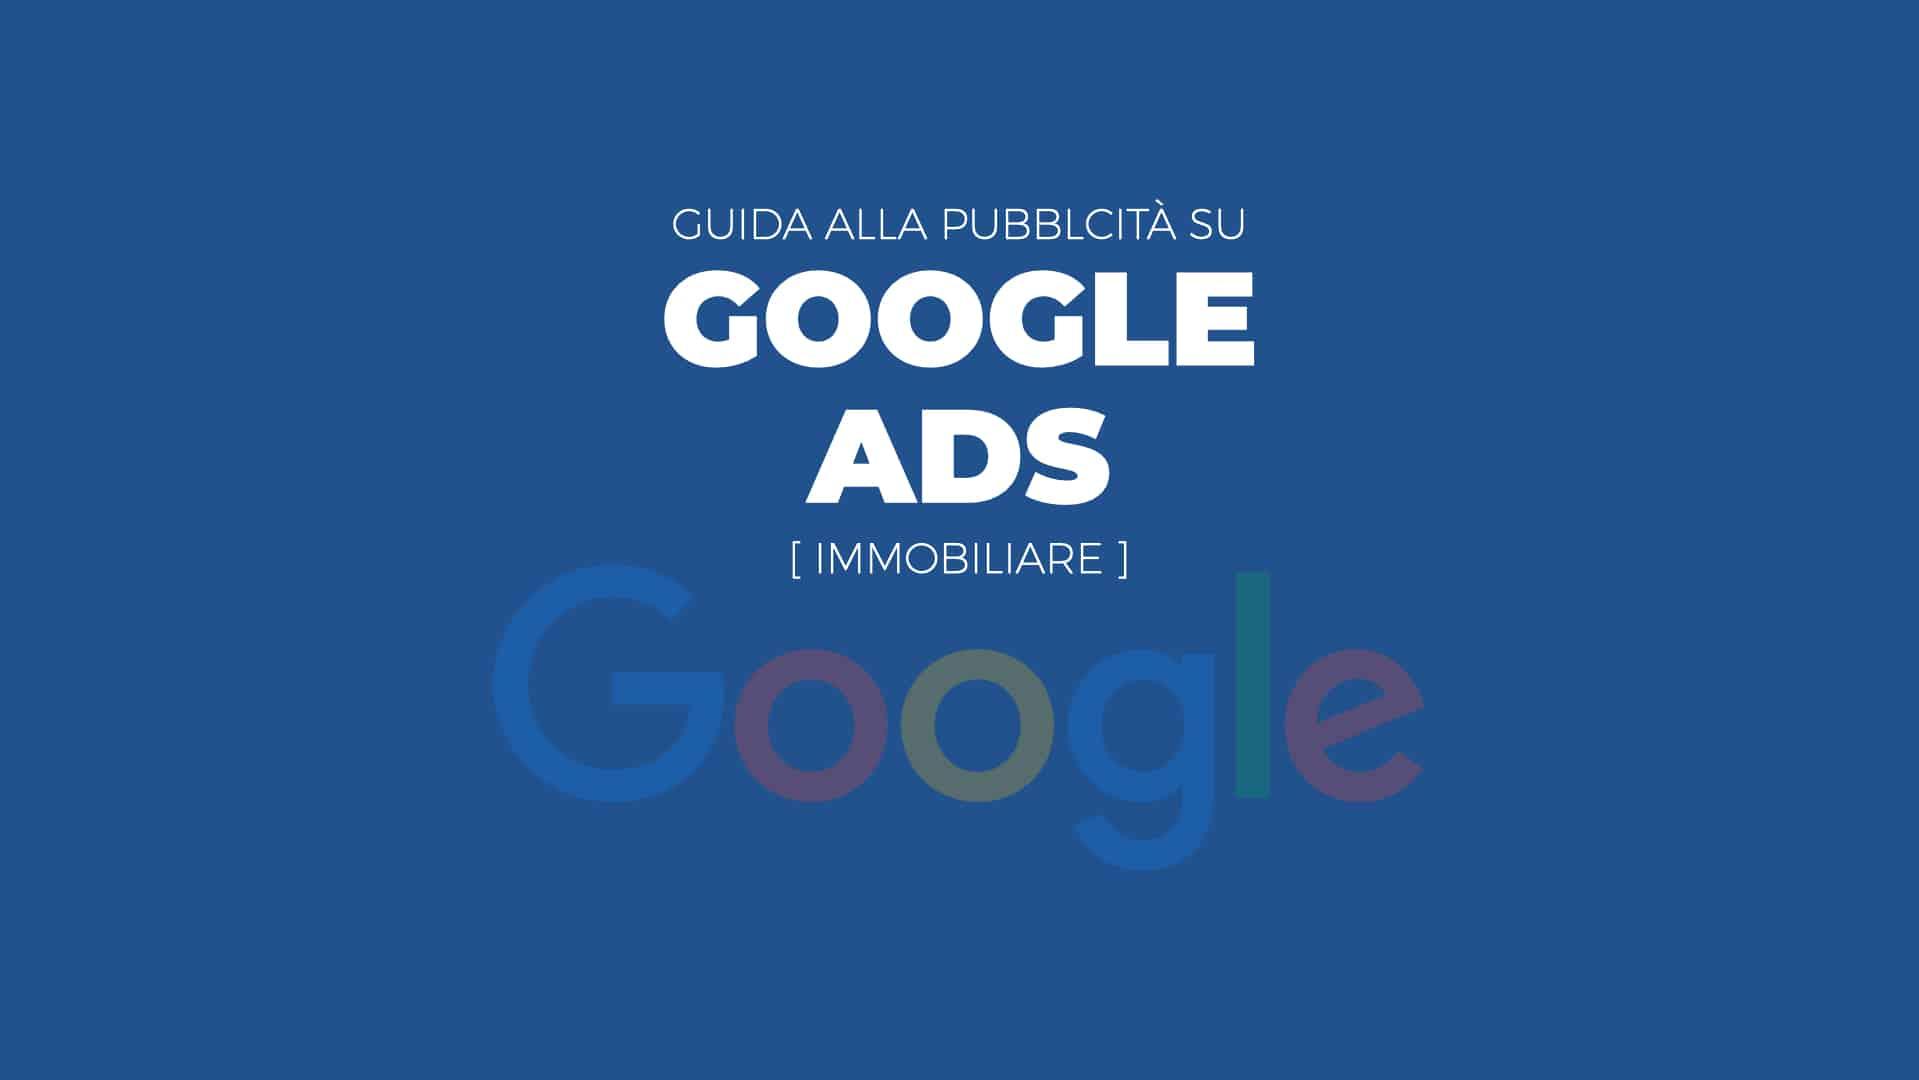 Google Ads Immobiliare: Guida Completa [2021]